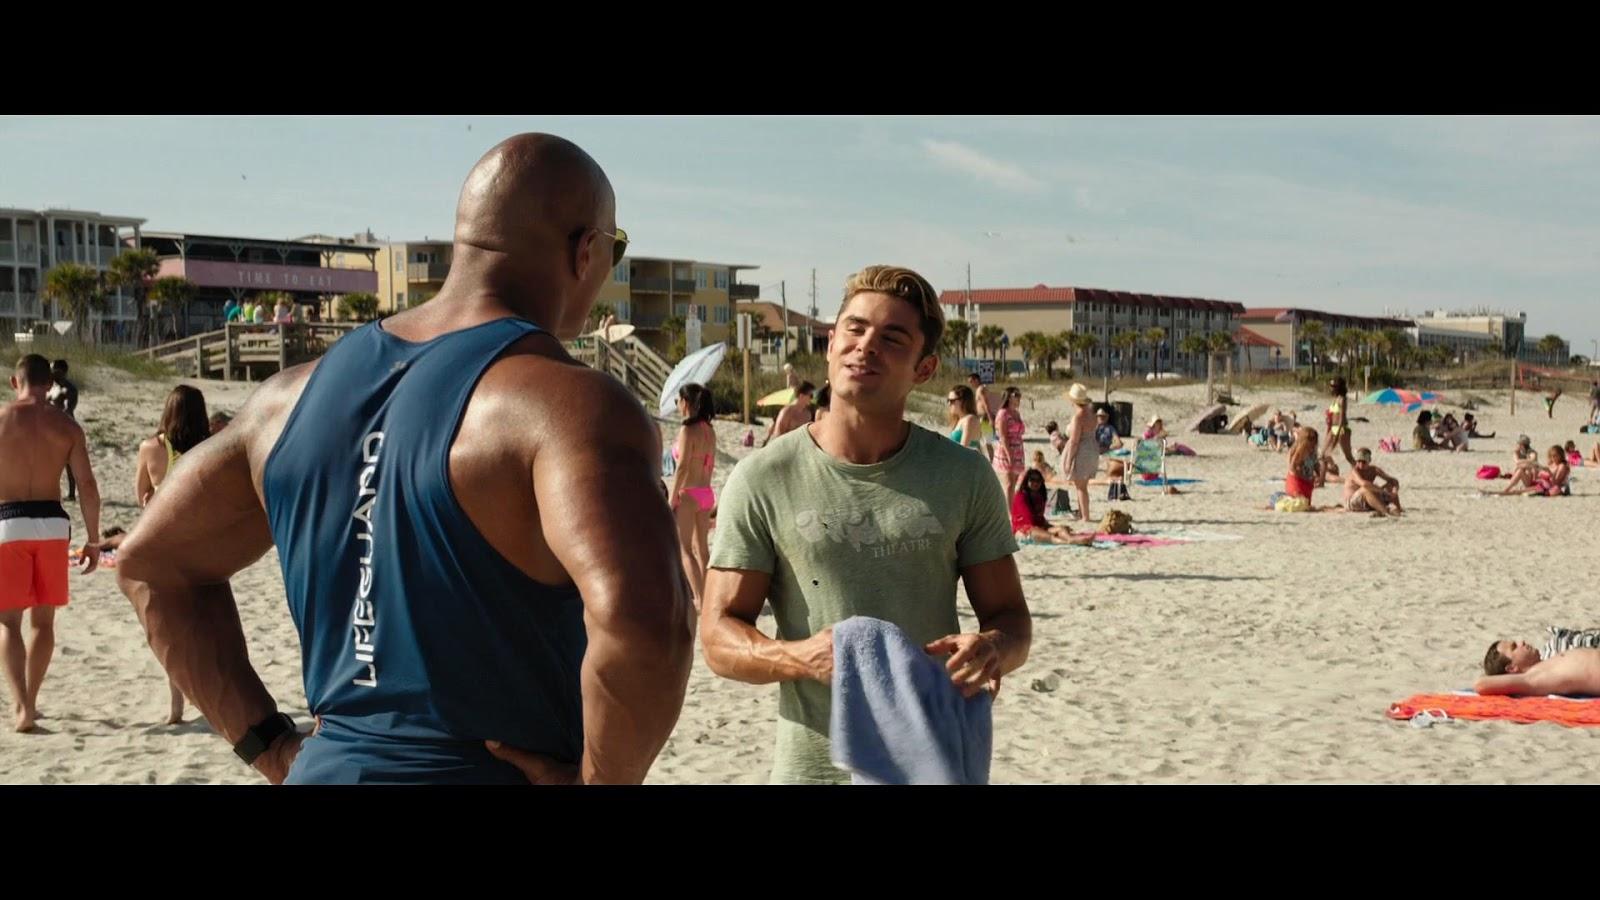 Baywatch Guardianes de la Bahía (2017) Full HD 1080p Latino - Ingles captura 3